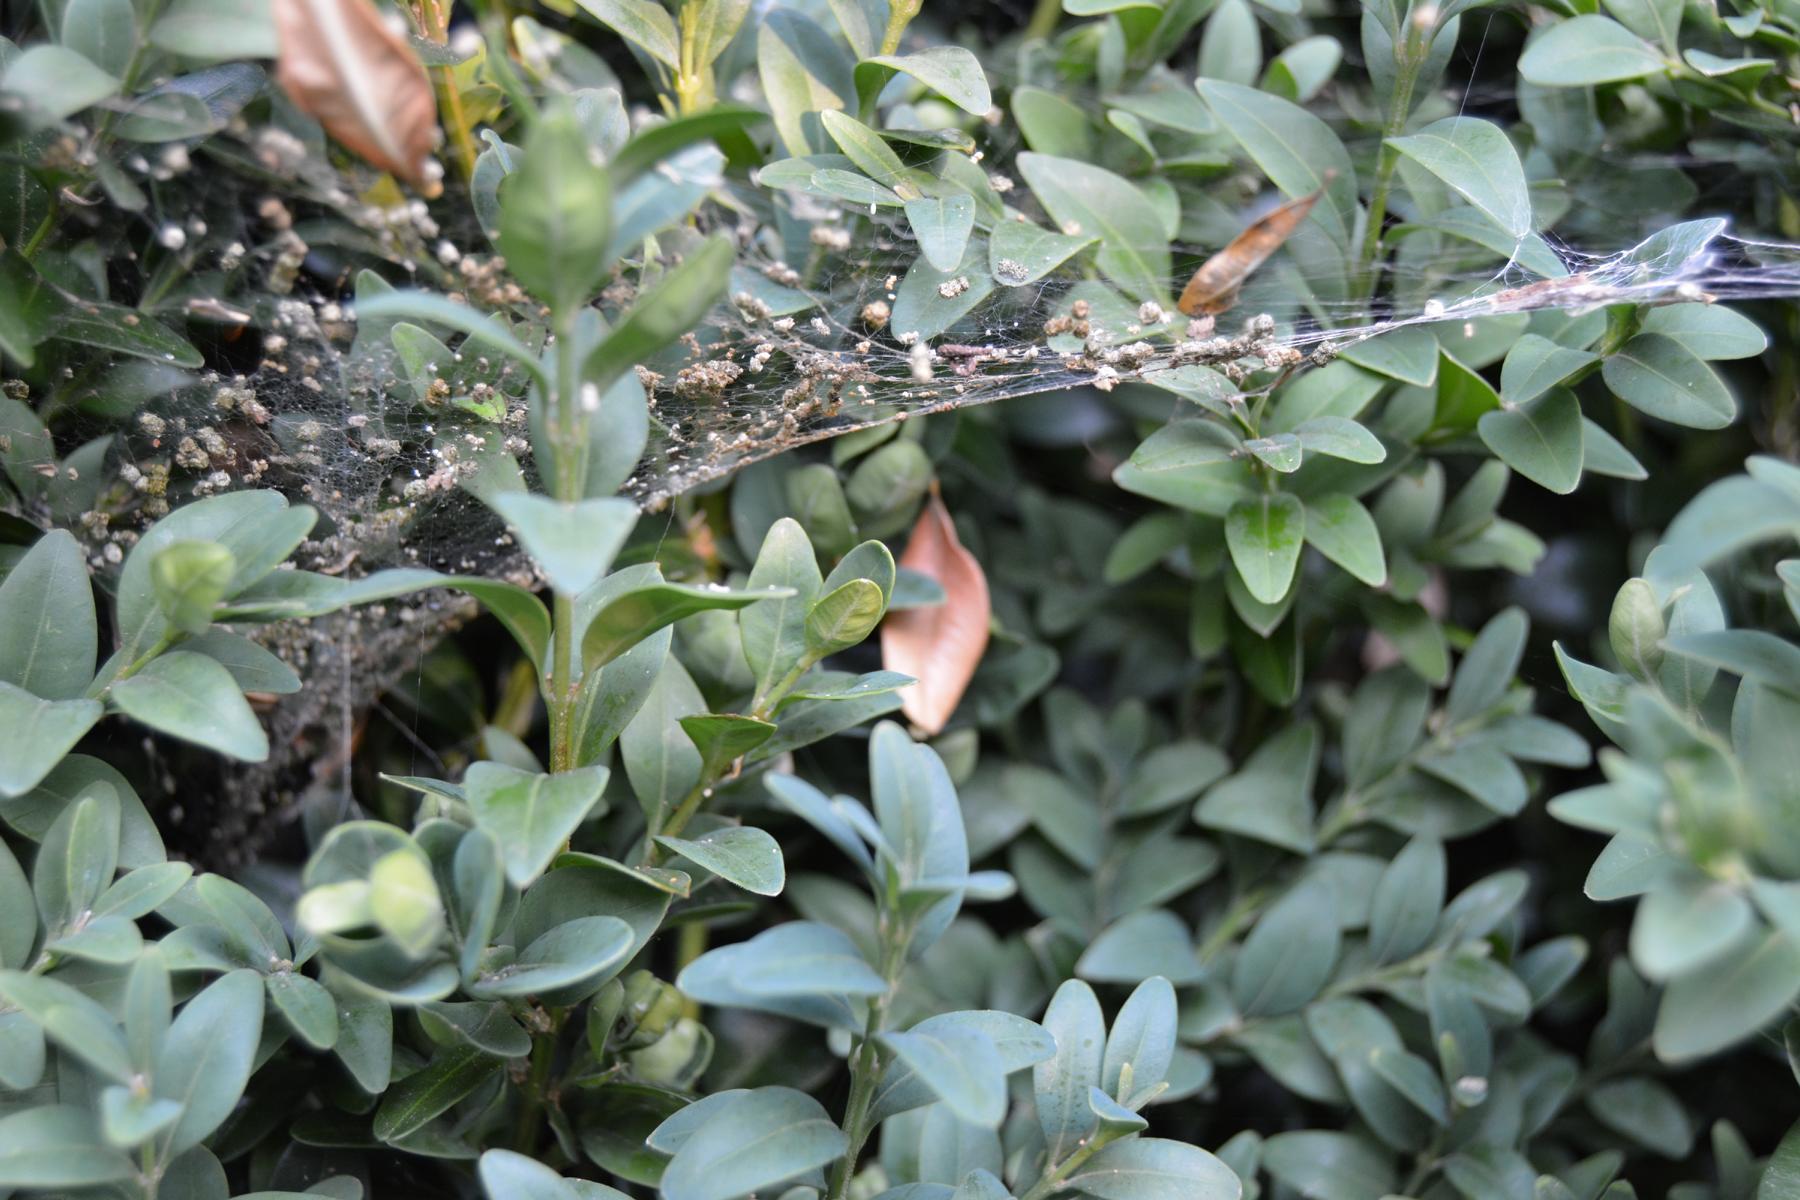 Buchsbaumzünsler Gespinste und Kotkrümel im Buchsbaum erkennen